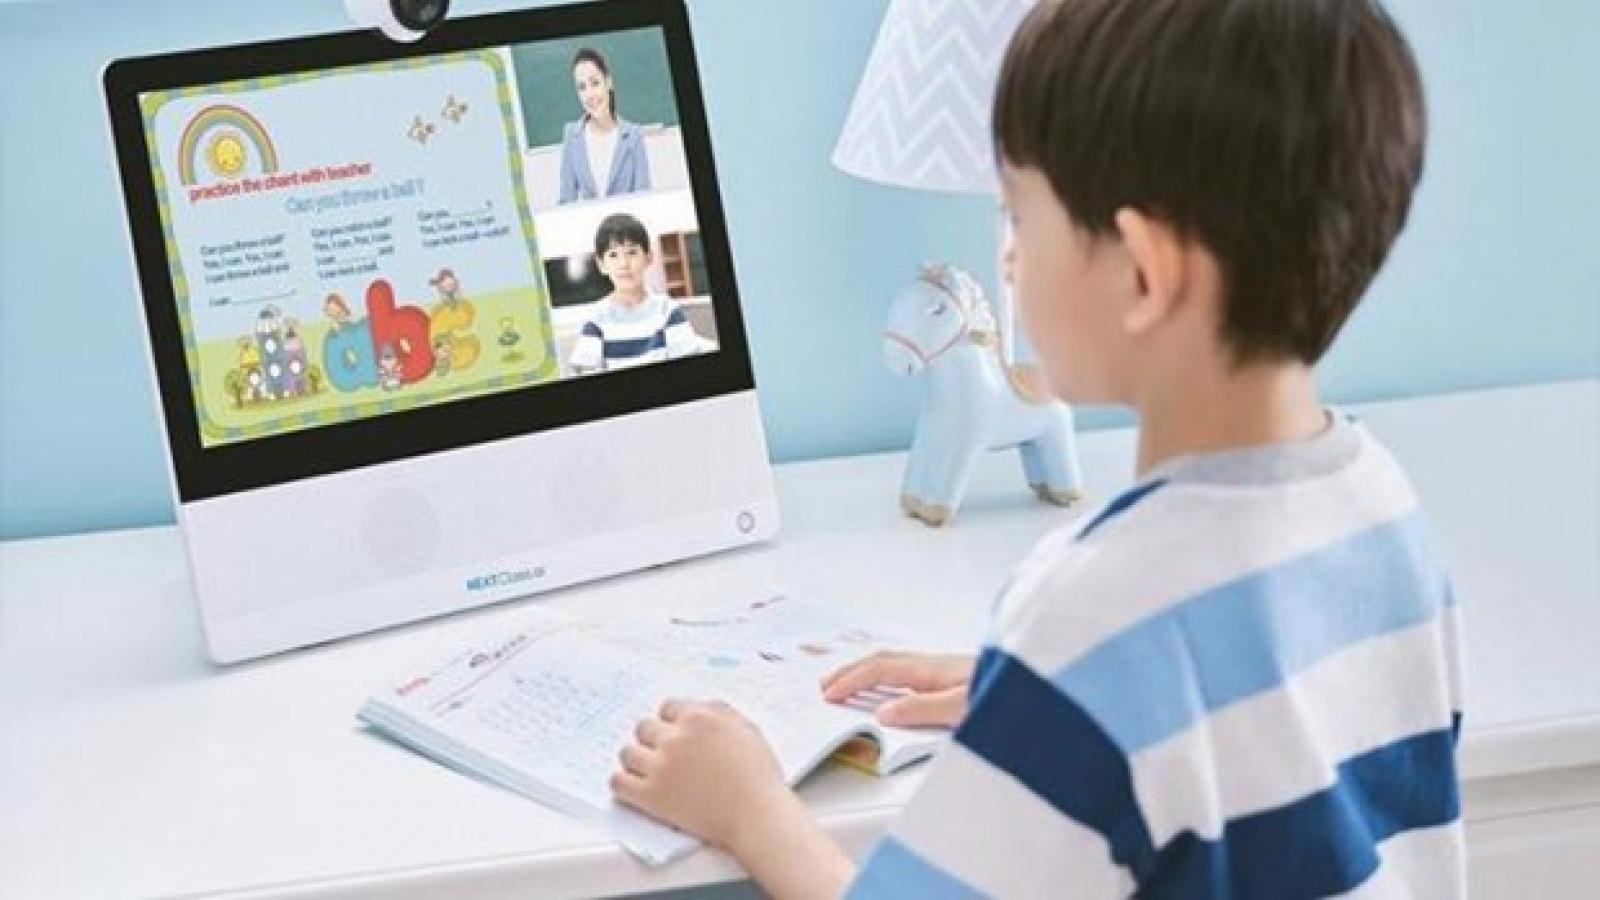 Online tutoring start-up secures US$1.5 million investment